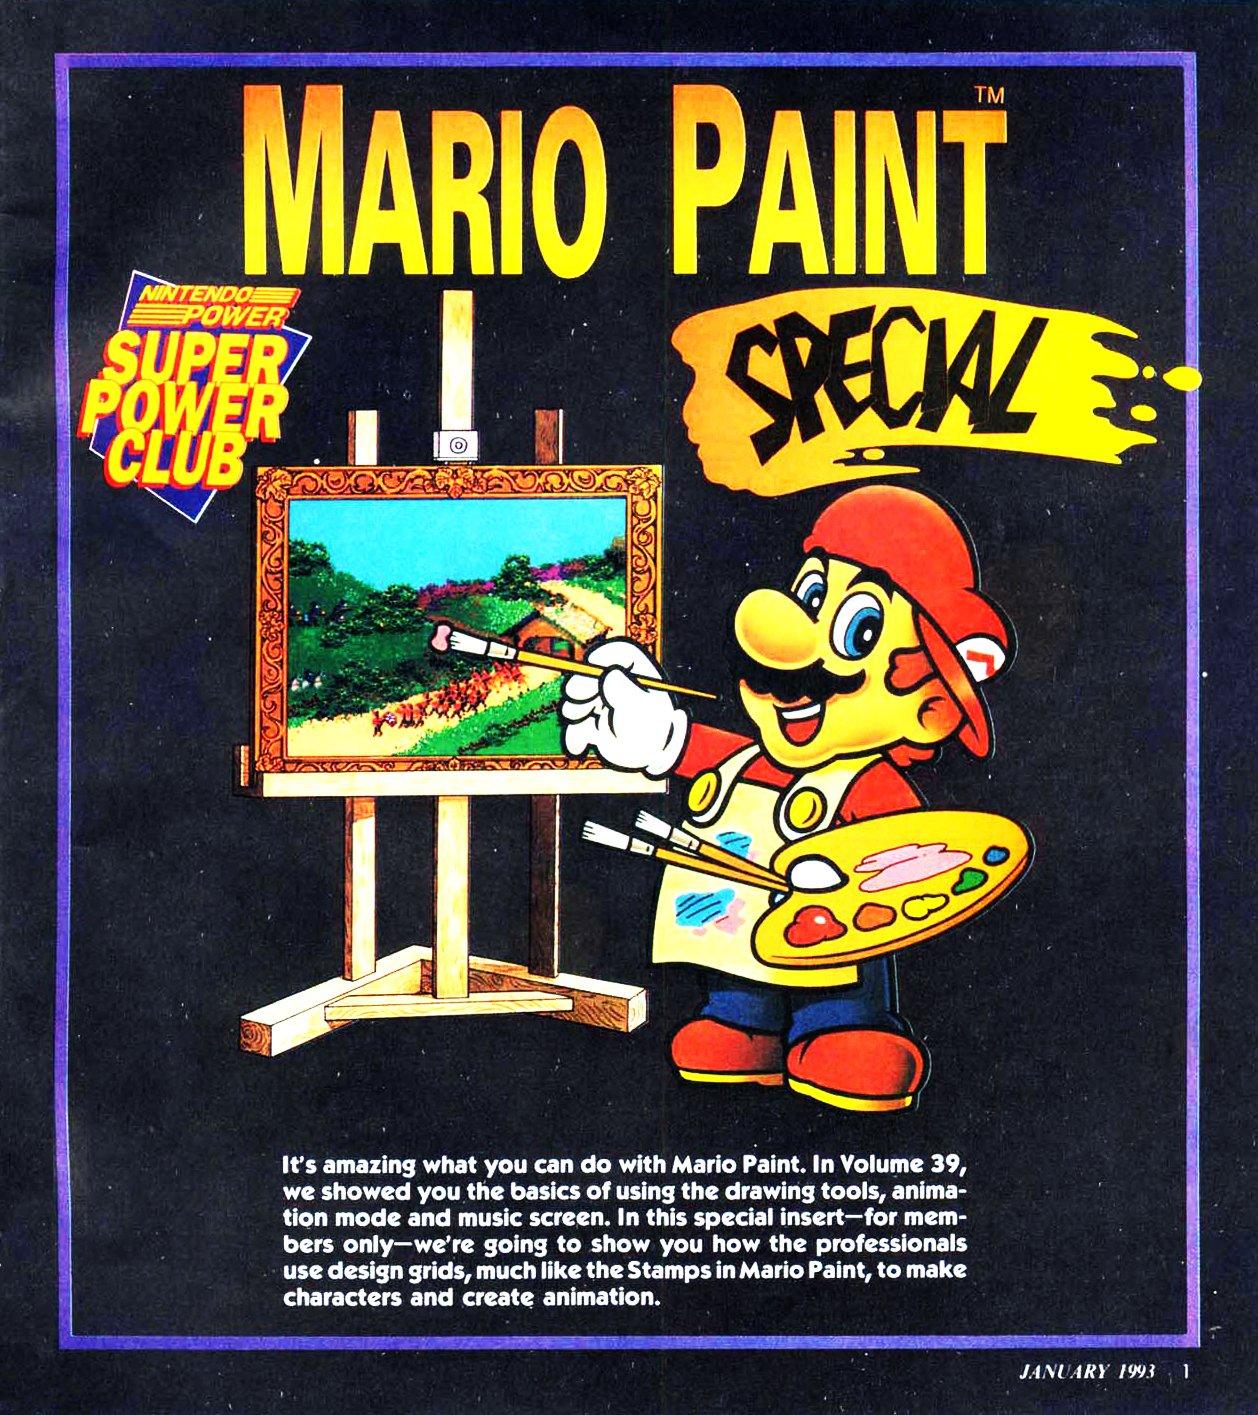 Mario Paint Special (January 1993)